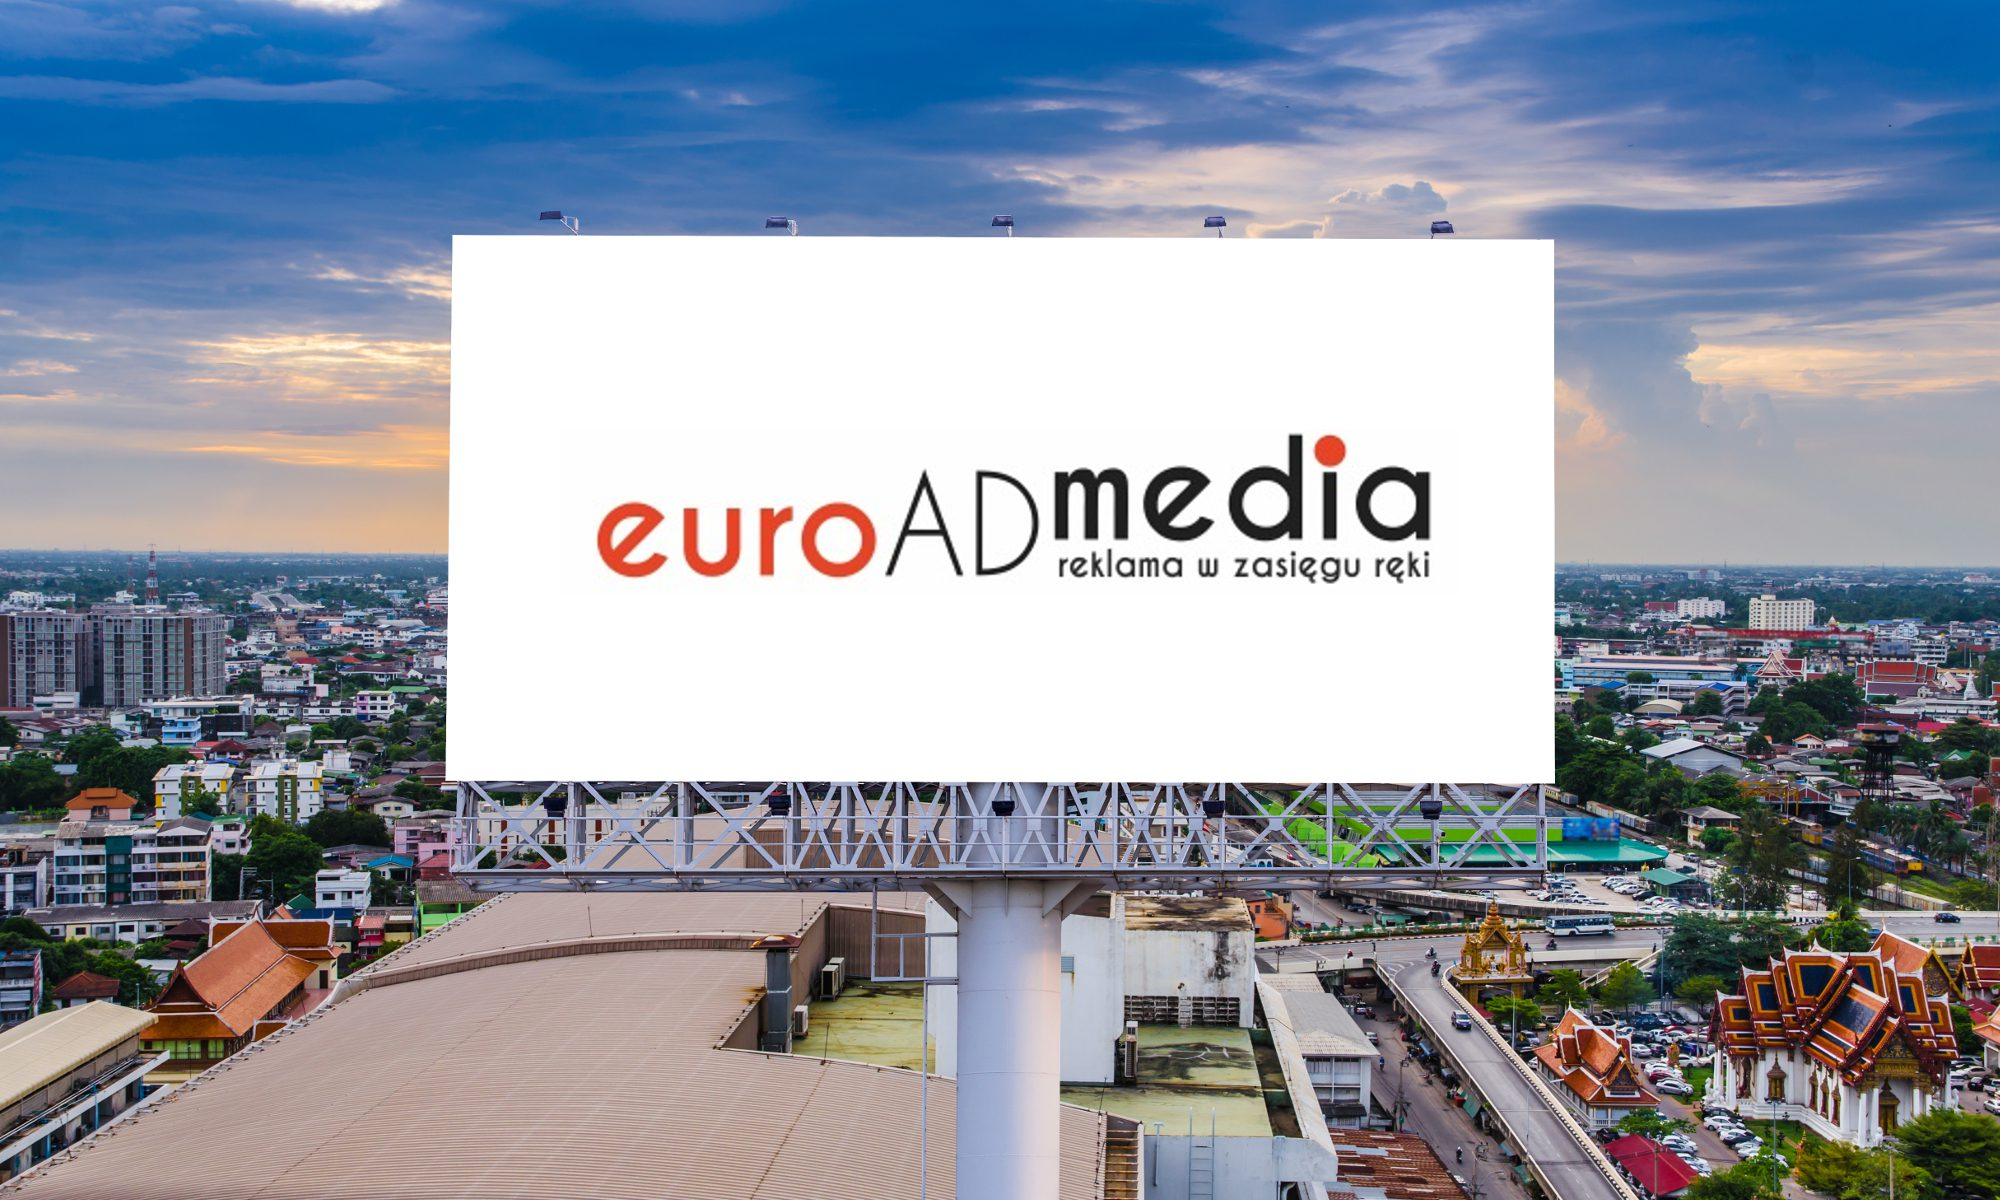 Euroadmedia - Reklama na Billboardzie